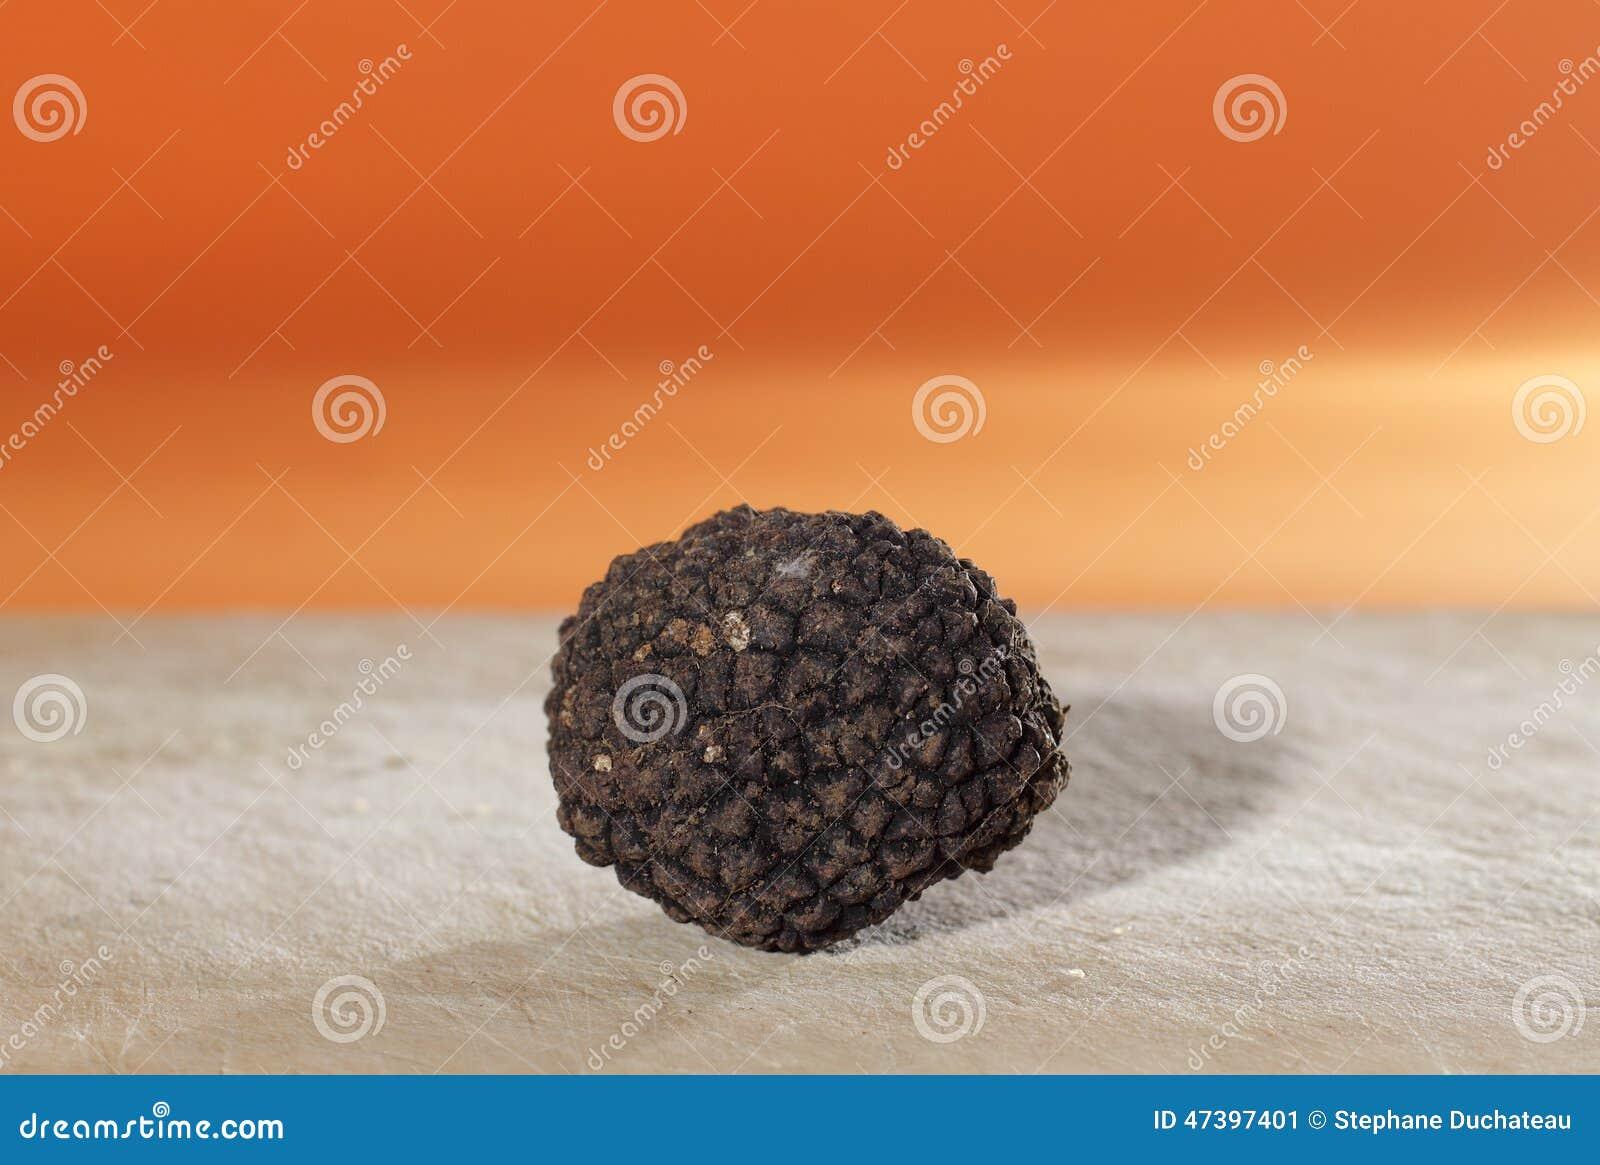 Het meest geparfumeerd van paddestoelen, de Franse zwarte truffel